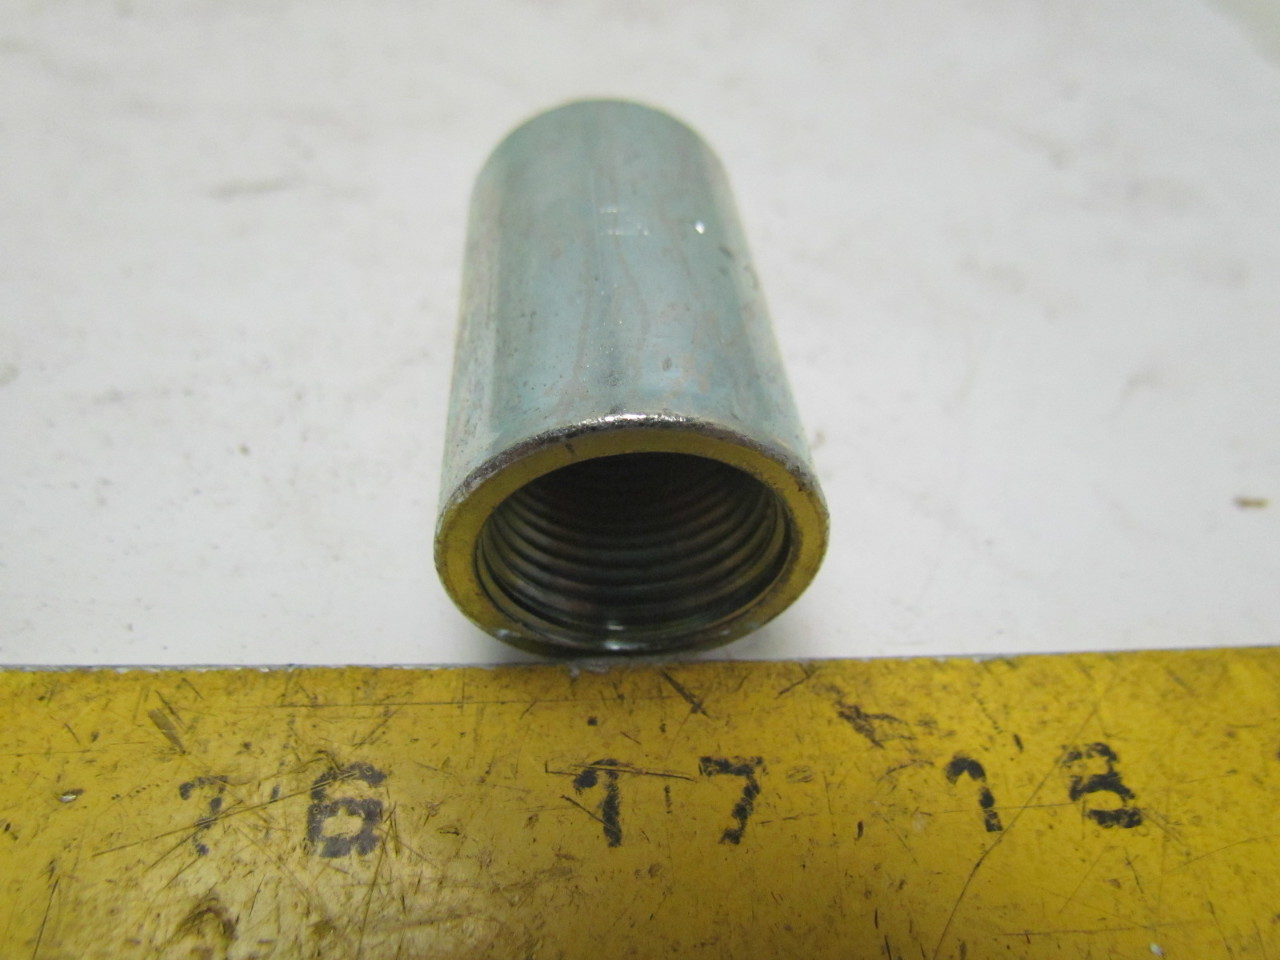 1 2 Quot Threaded Steel Couplers : Ecusa j quot steel rigid conduit threaded coupling